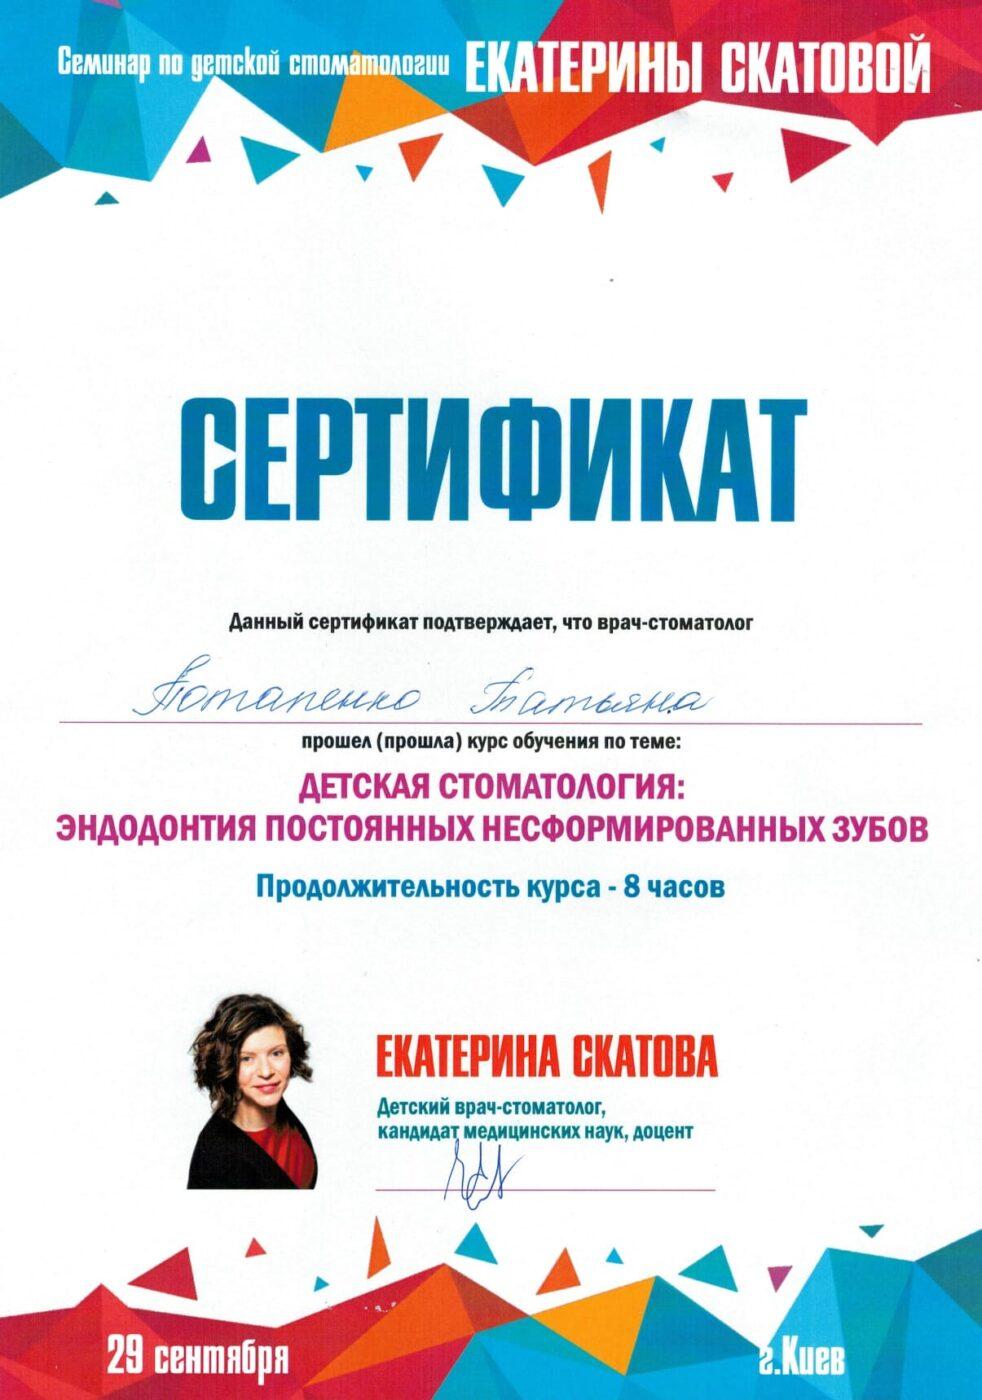 Сертифікат дитячого лікаря стоматолога Потапенко Тетяни Олексіївни об участі у курсі (ДЕТСКАЯ СТОМАТОЛОГИЯ: ЭНДОДОНТИЯ ПОСТОЯННЫХ НЕСФОРМИРОВАННЫХ ЗУБОВ)